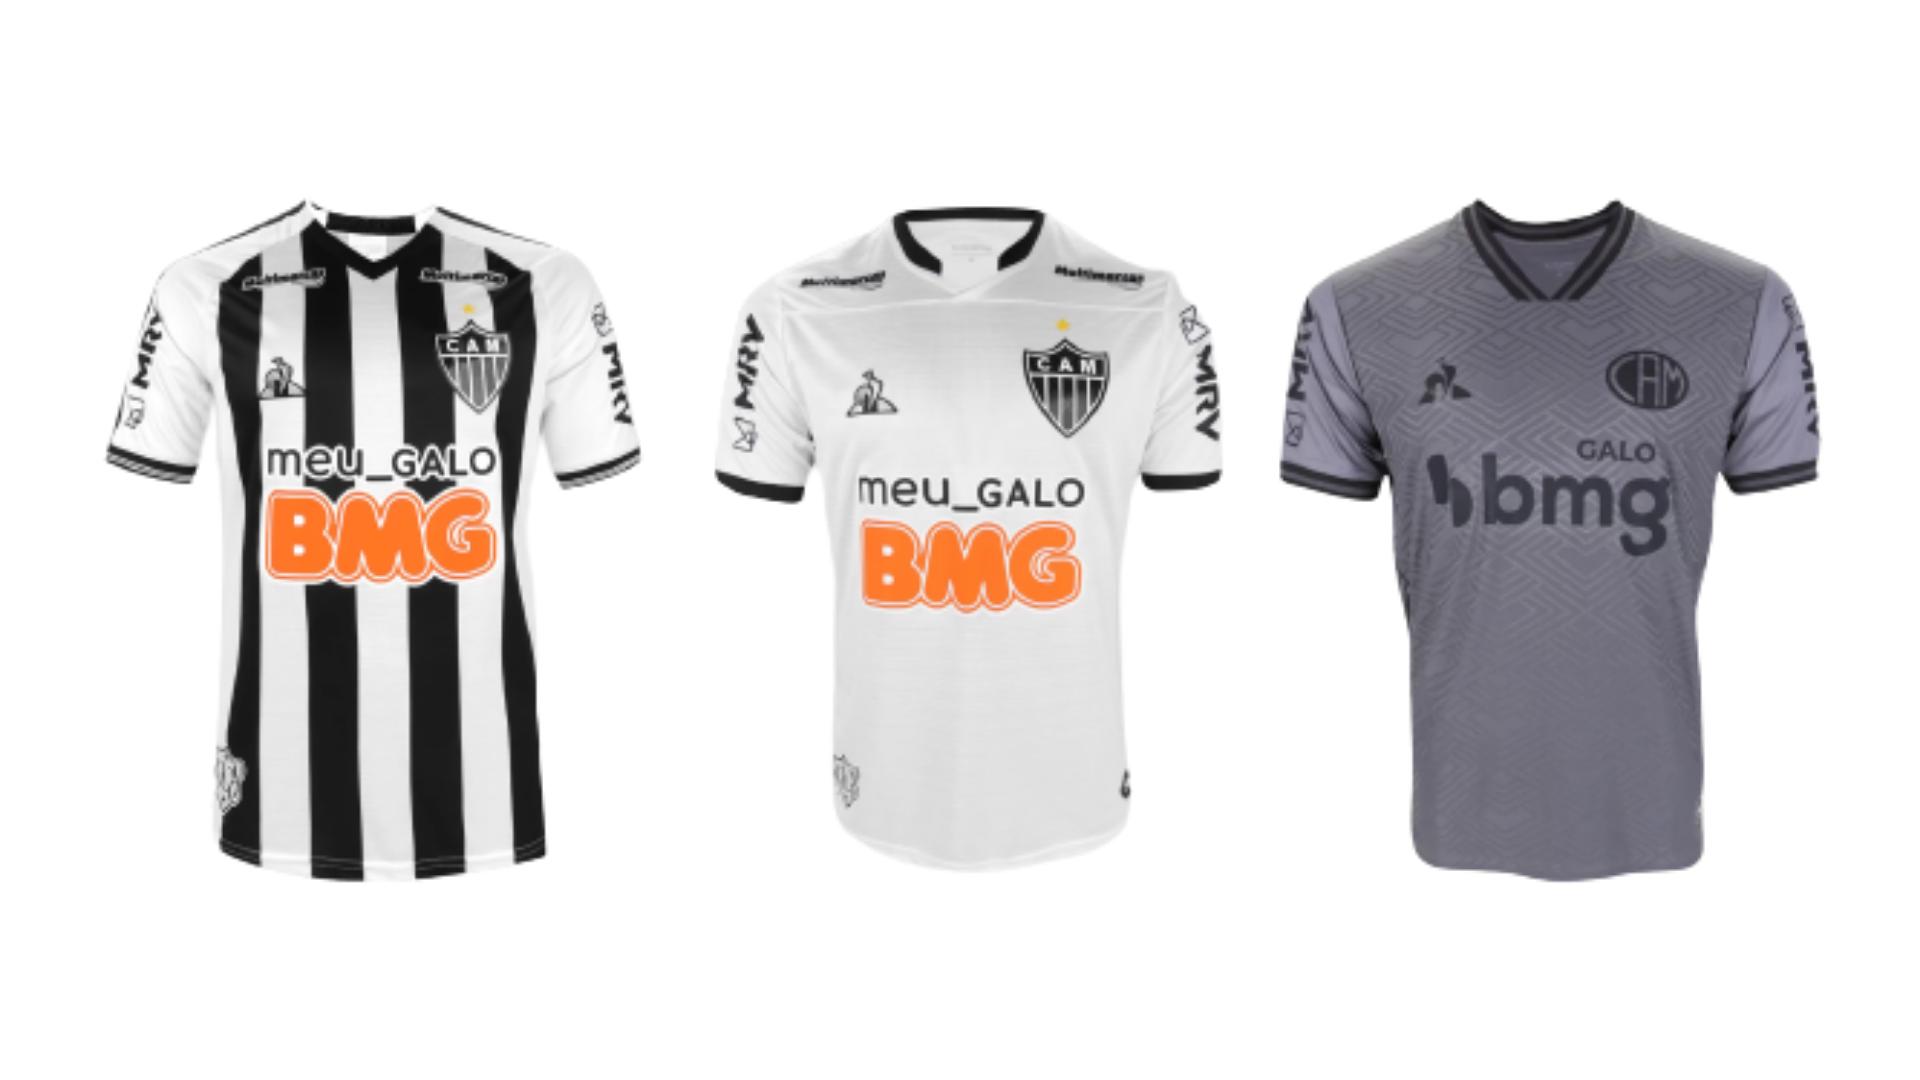 Camisa do Galo 2020 Le Coq Sportif Jogo 1, 2 e 3 (Imagem: Divulgação/Le Coq Sportif)